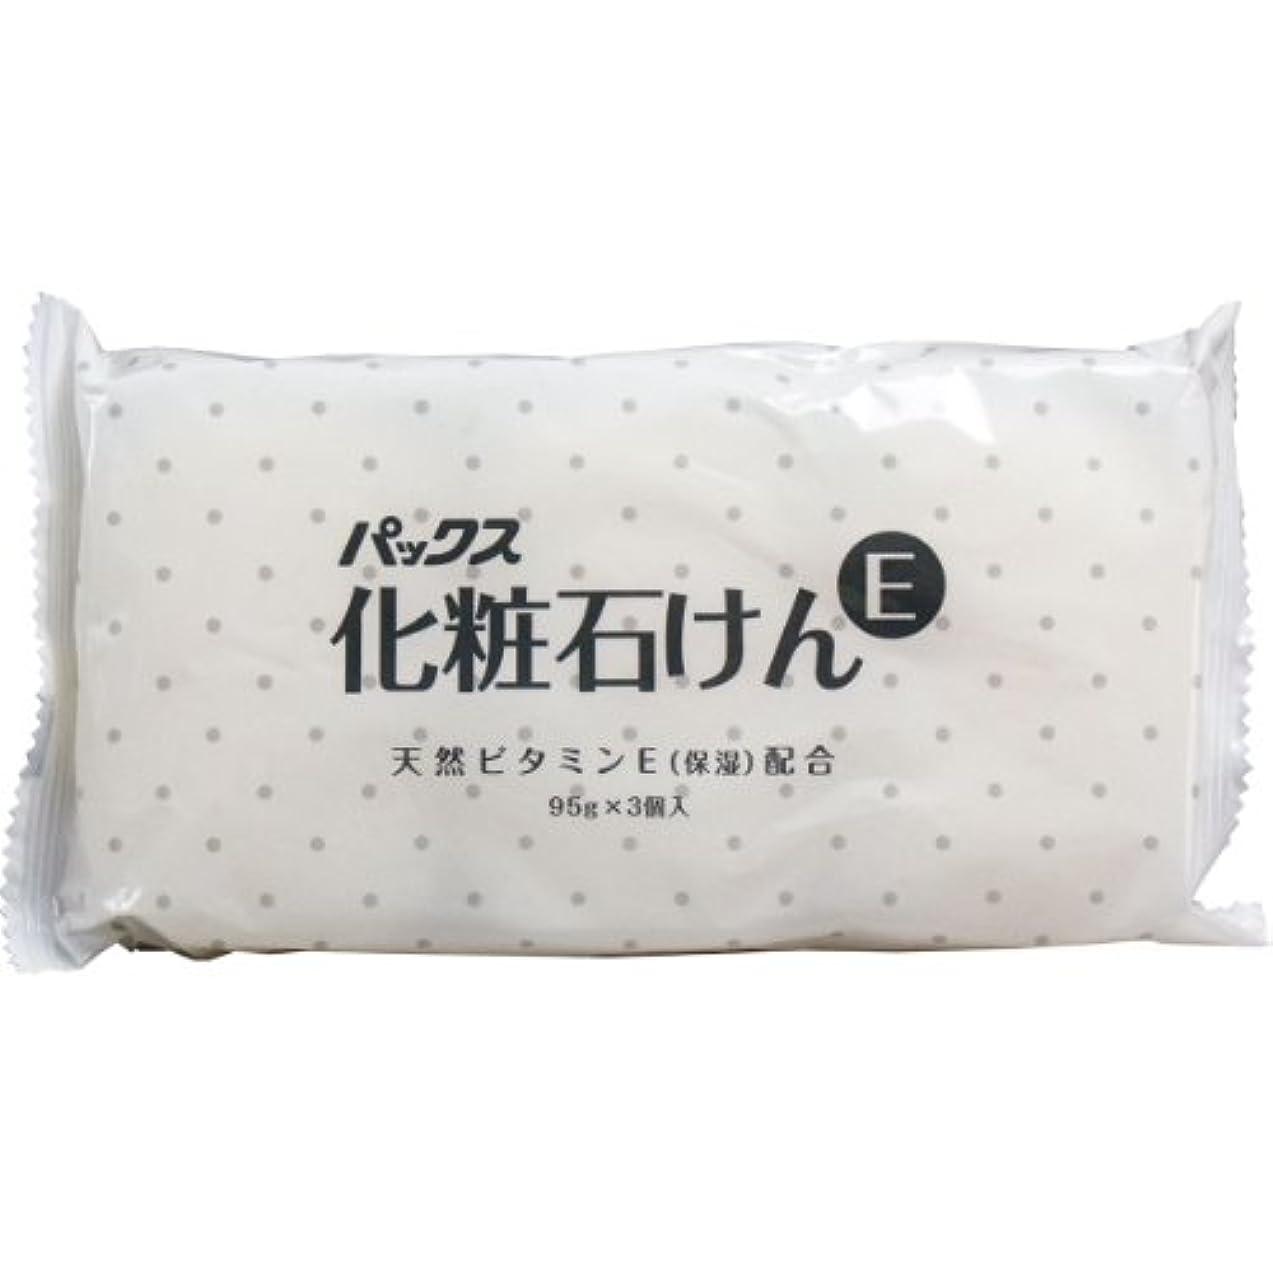 ハンドブック報いるスーパーマーケットパックス 化粧石けん (95G X3個入り)【6個パック】